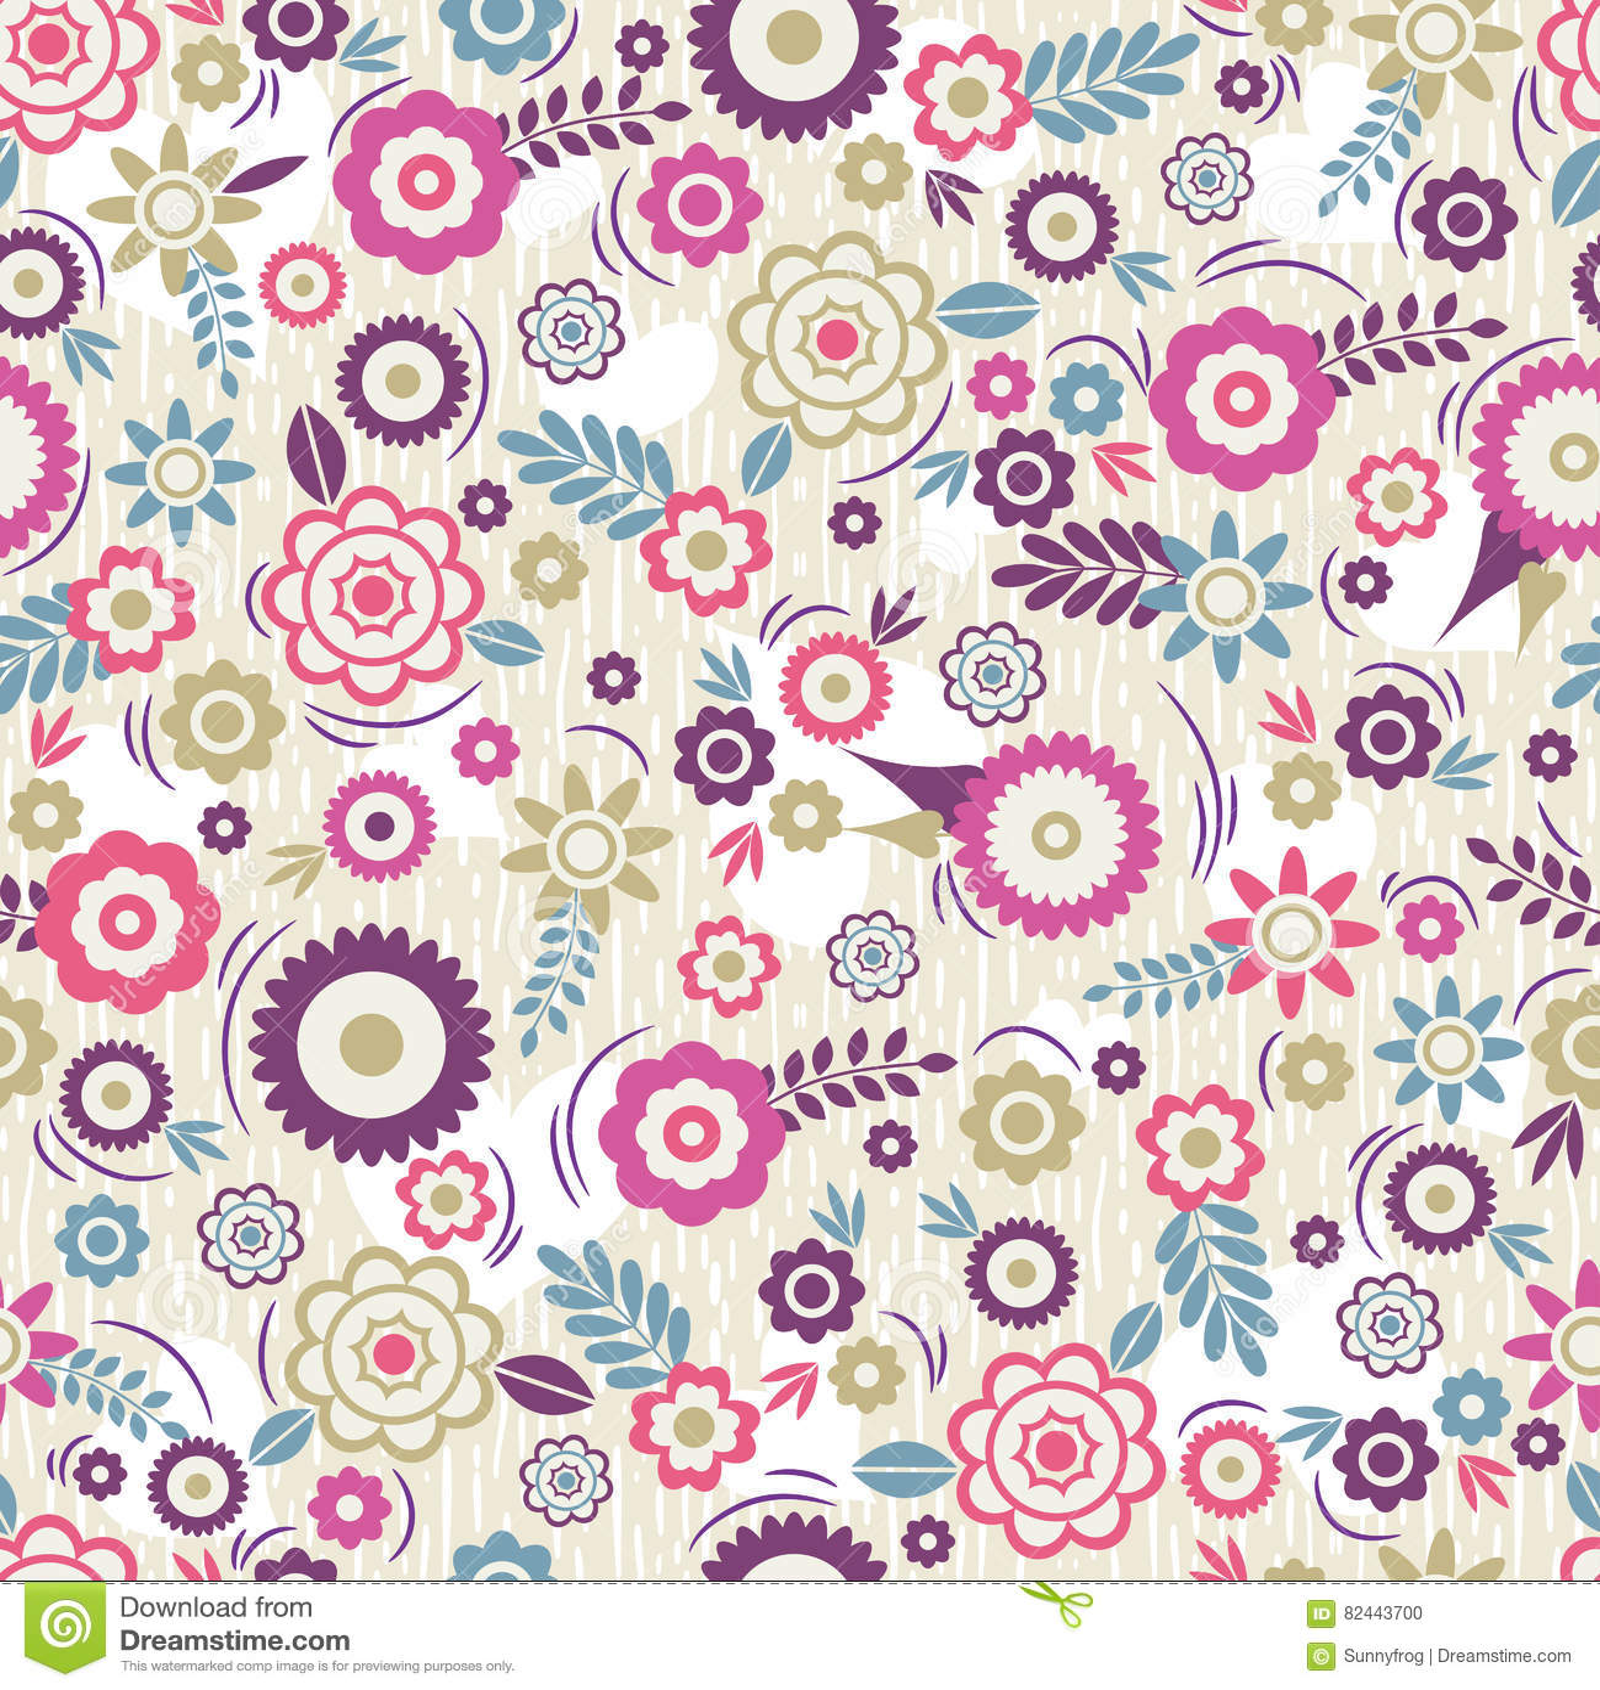 Flores Imprimir. Dibujos Para Colorear Imprimir De Flores. Trendy ...